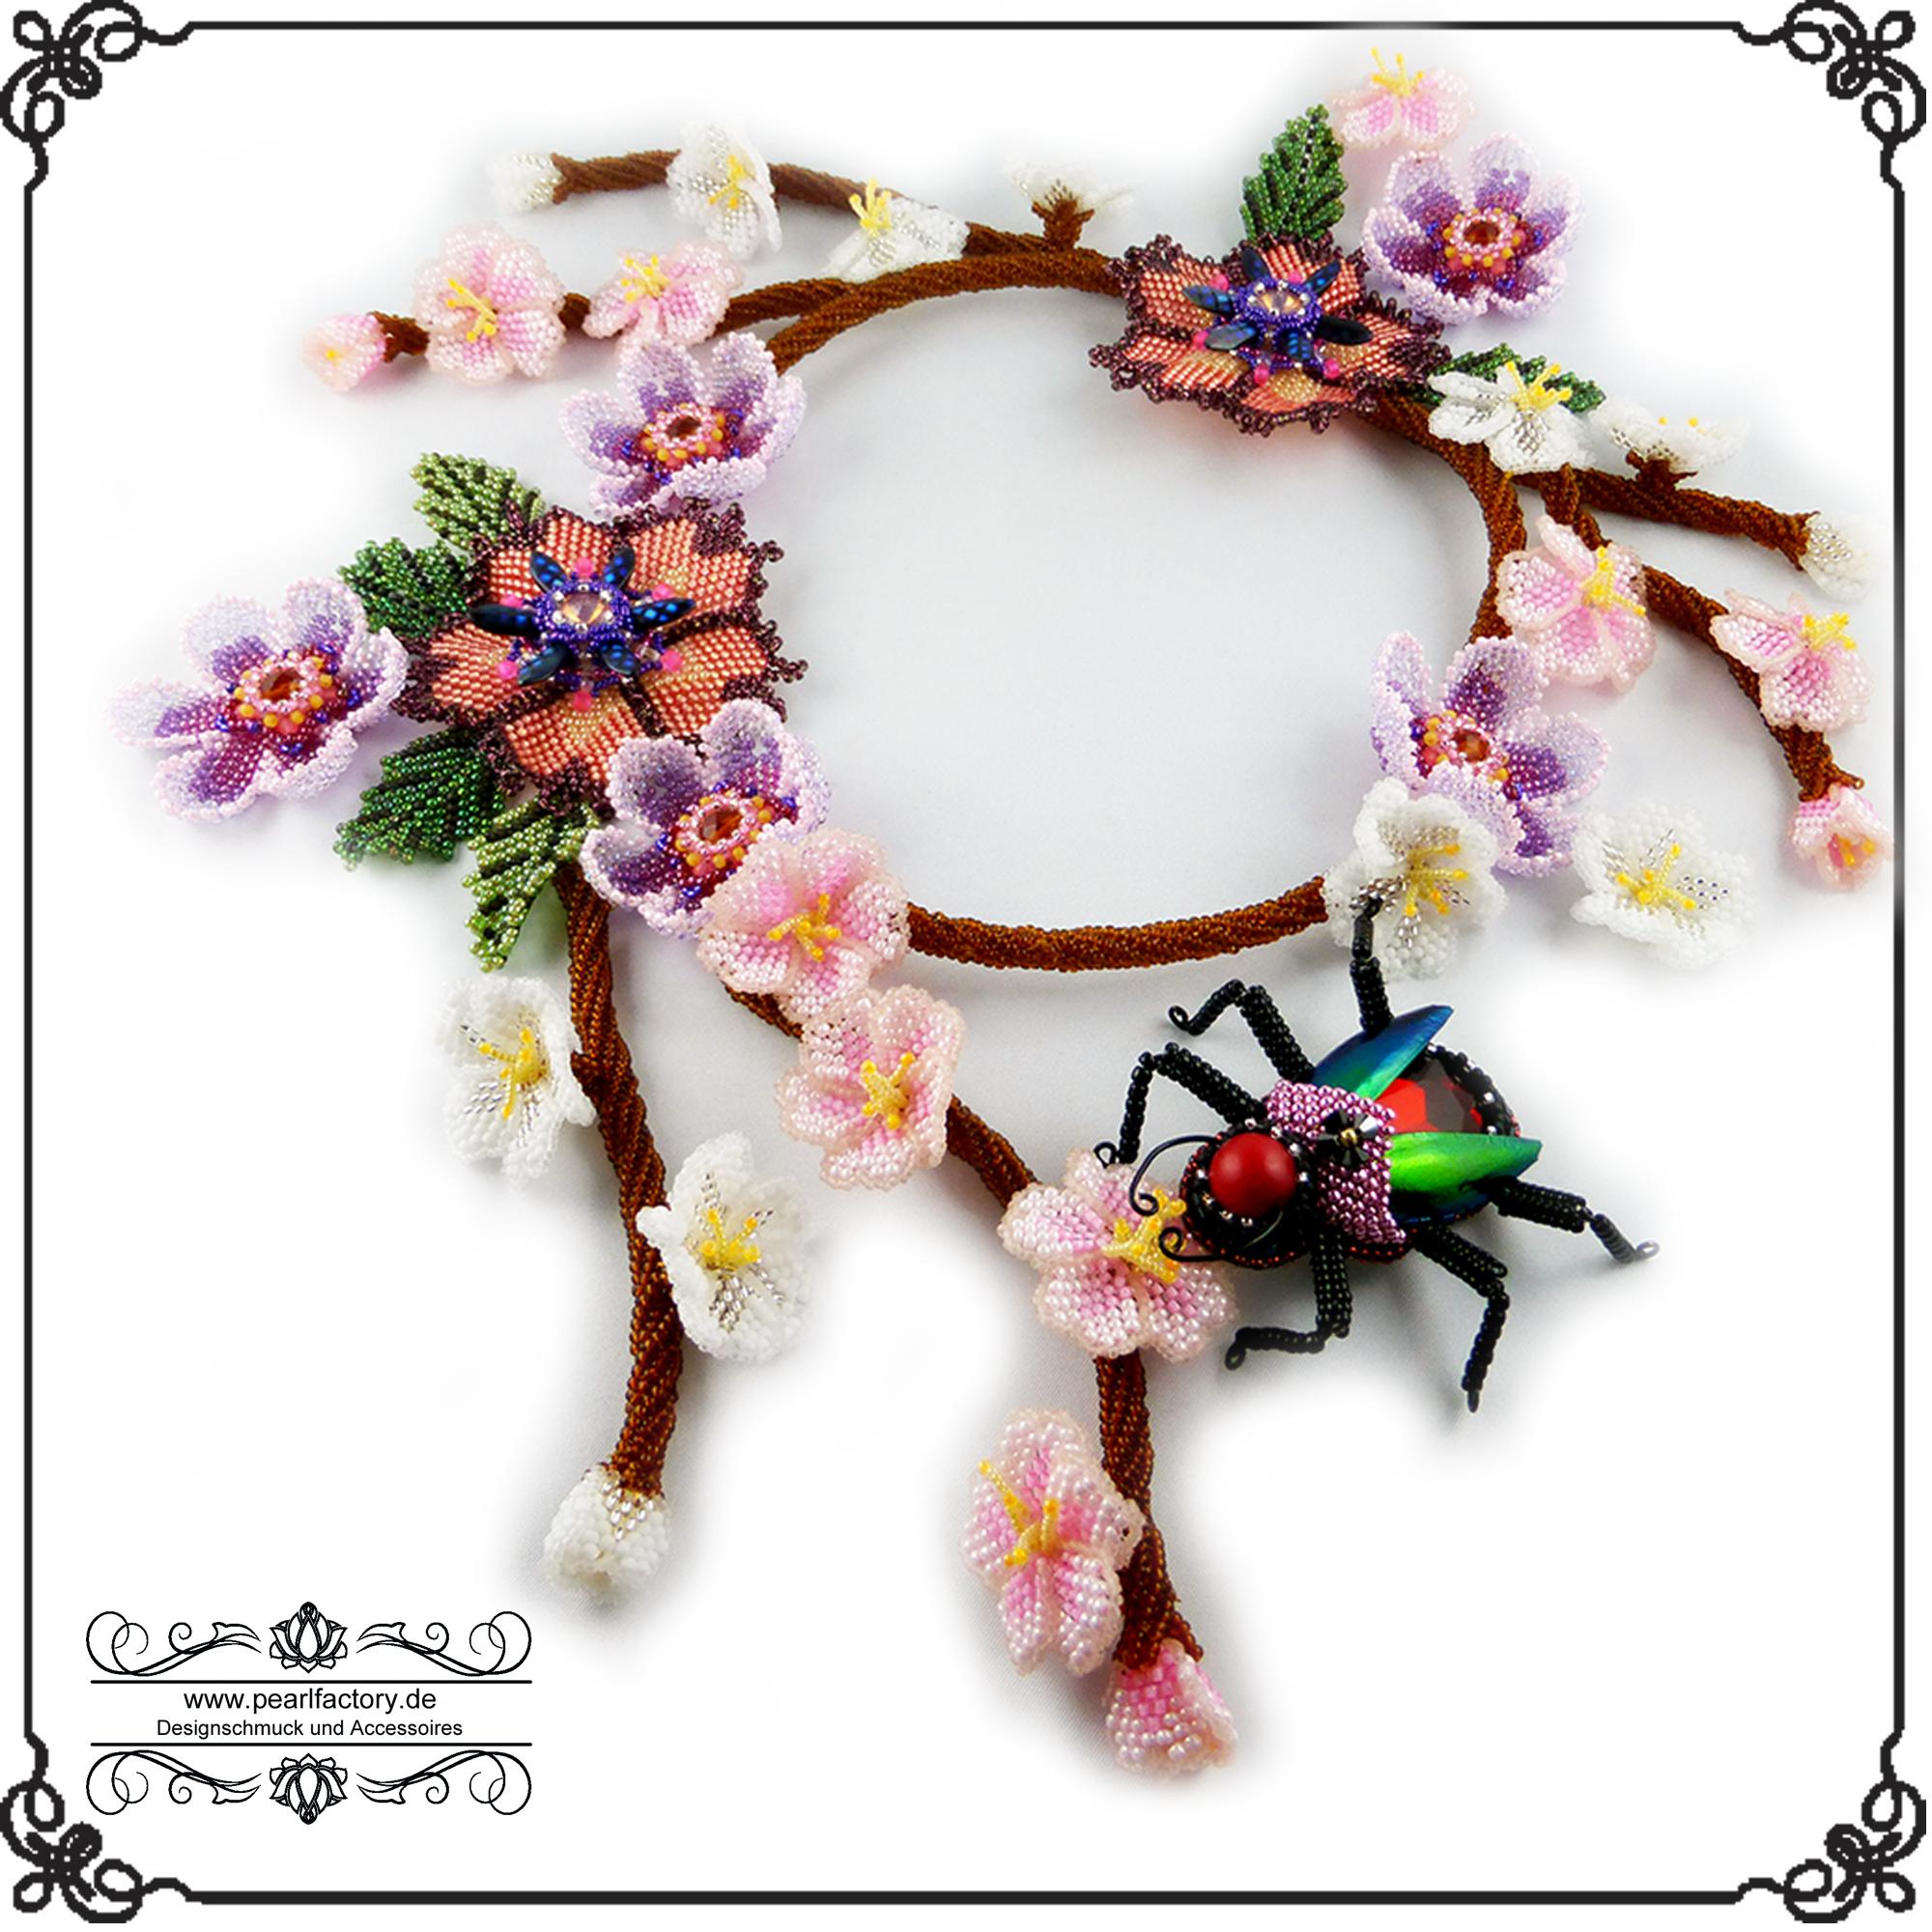 a-halskette-collier-bead-embroidery-sakura-1